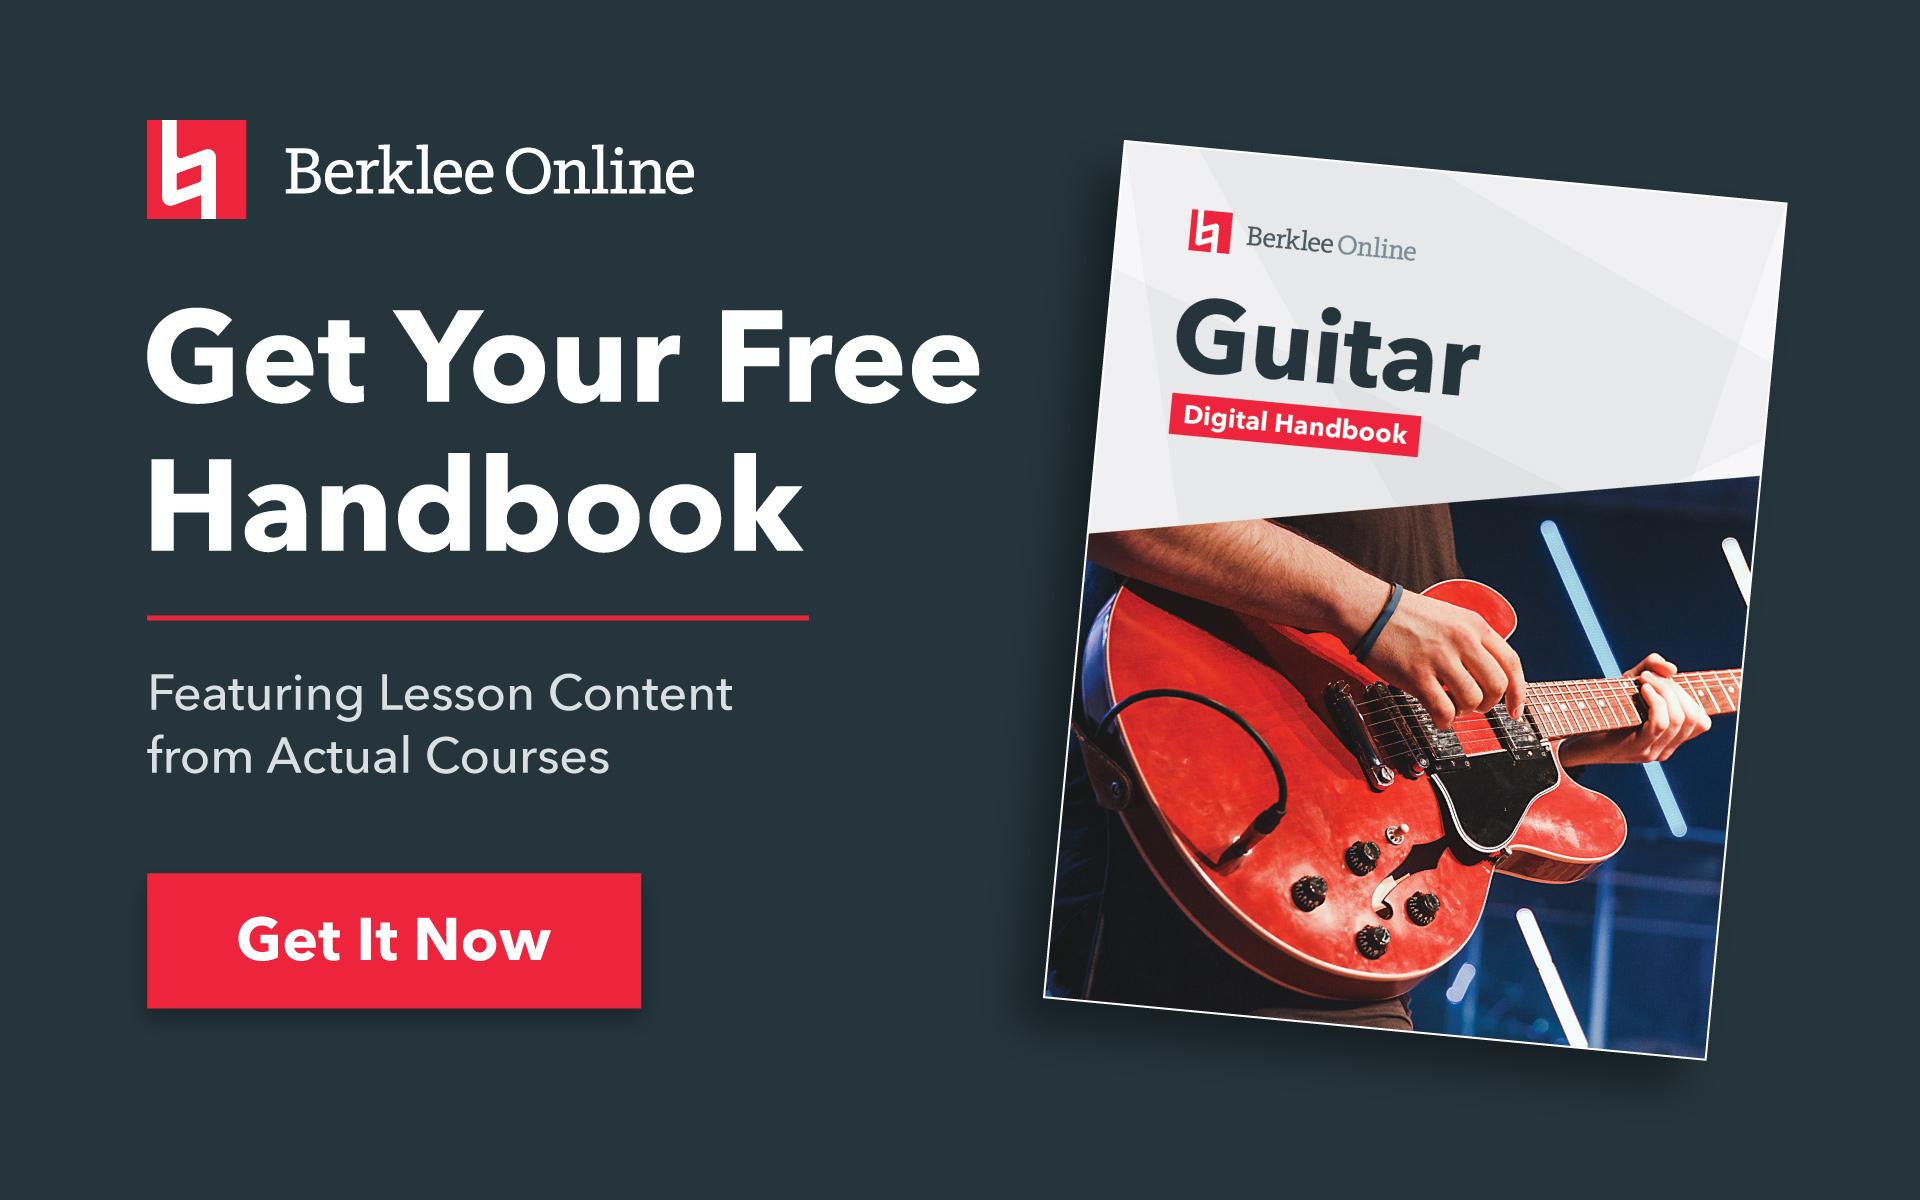 Get your free guitar handbook from Berklee Online.